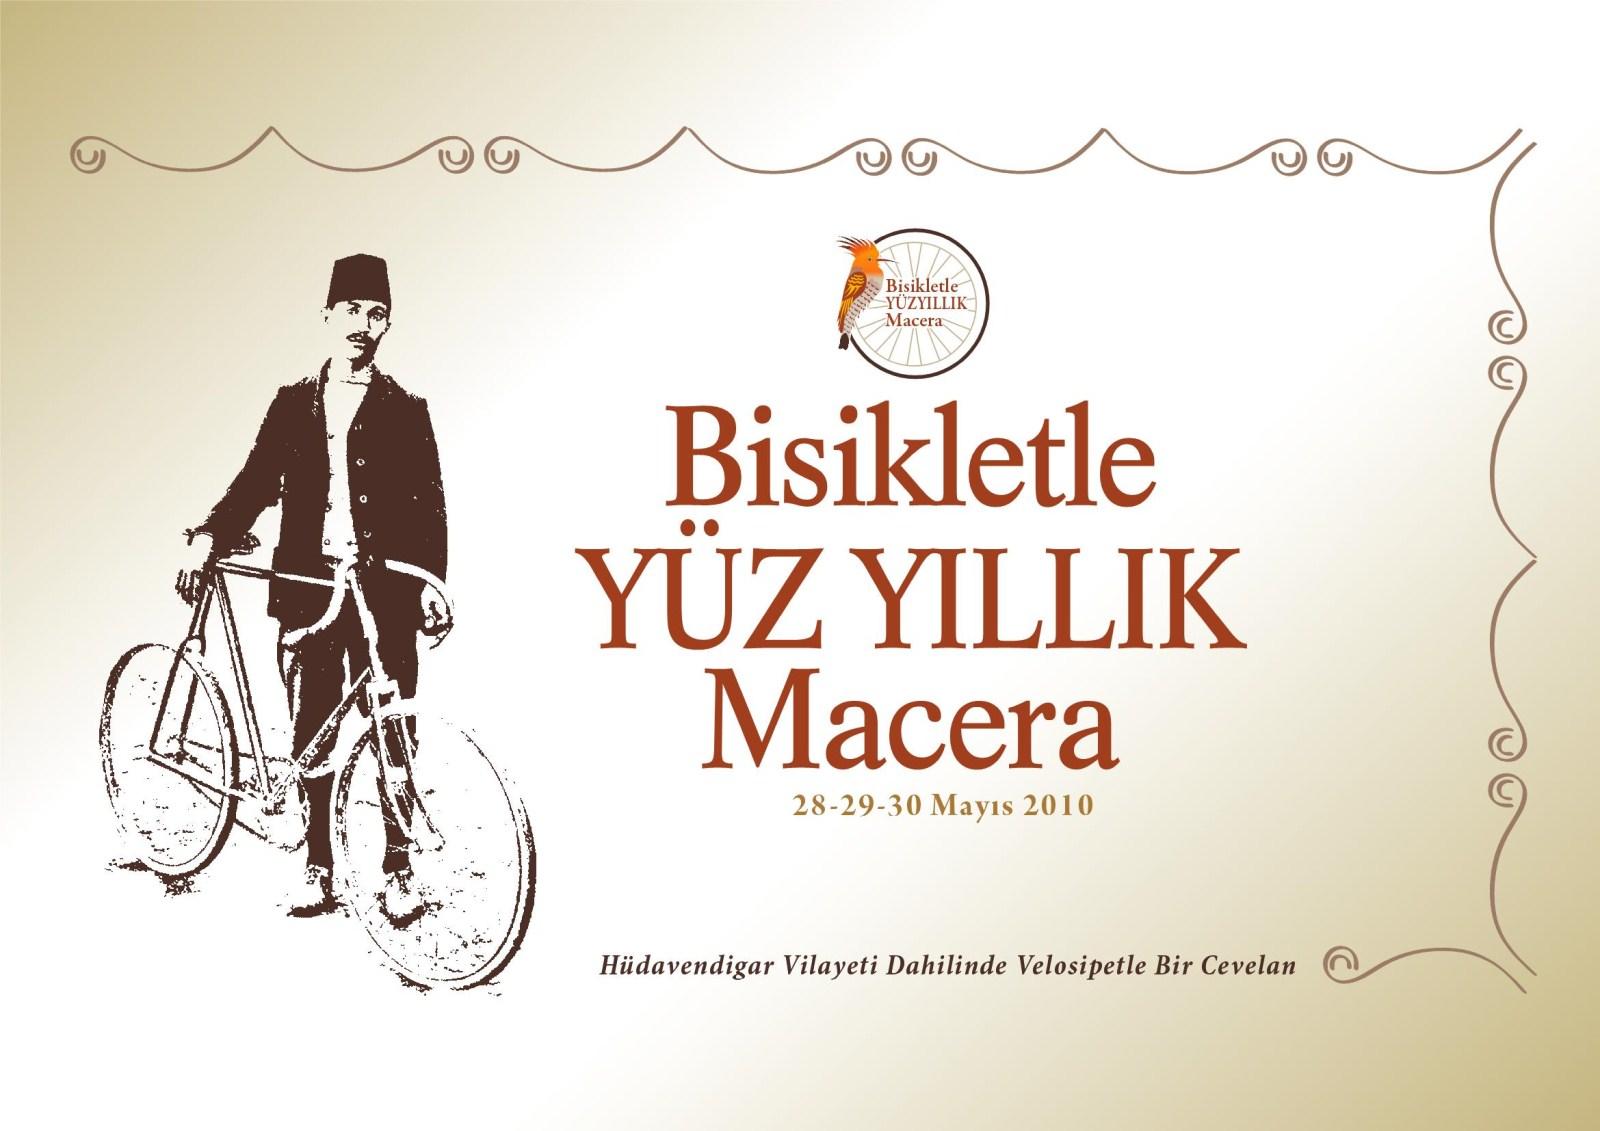 Bisikletle 100 yıllık maceranın 4 buluşmasının startı verildi